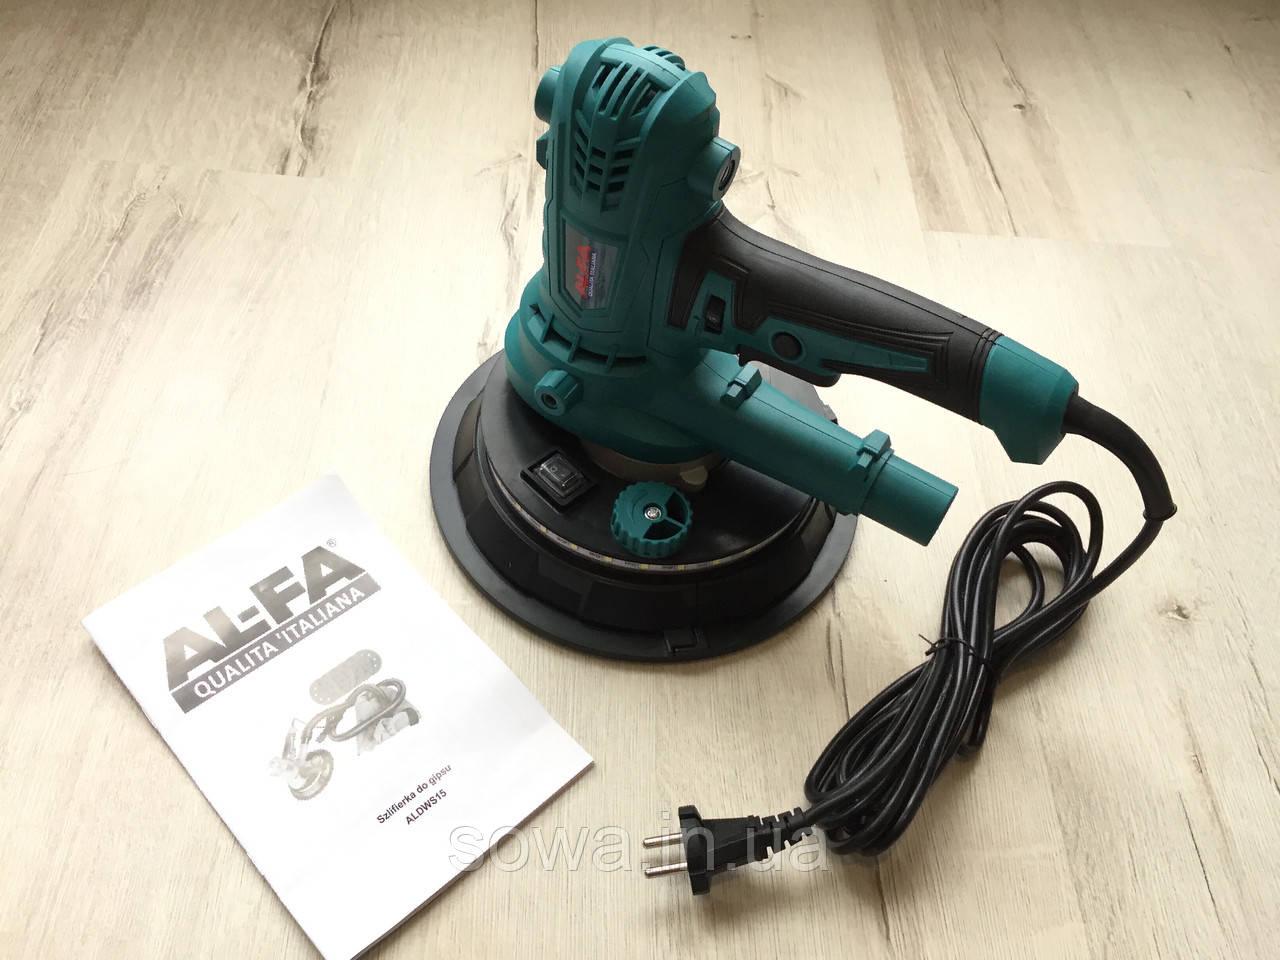 Шлифовальная машина по штукатурке AL-FA ALDWS15 с подсветкой - фото 2